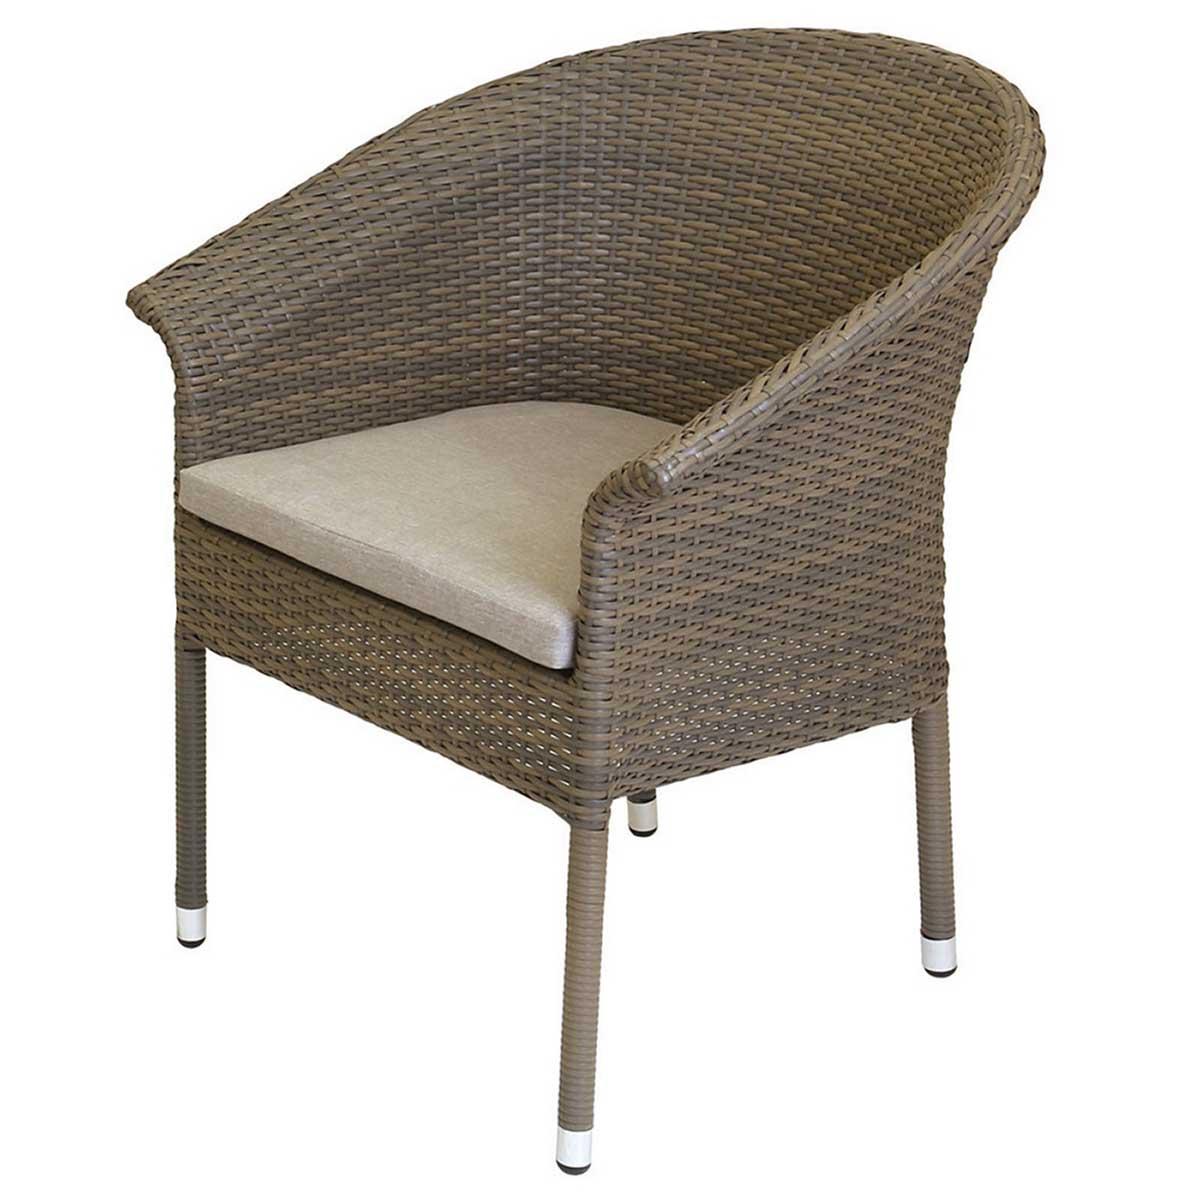 Lot de 2 fauteuils en rotin taupe - Taupe - 64.00 cm x 57.00 cm x 82.00 cm